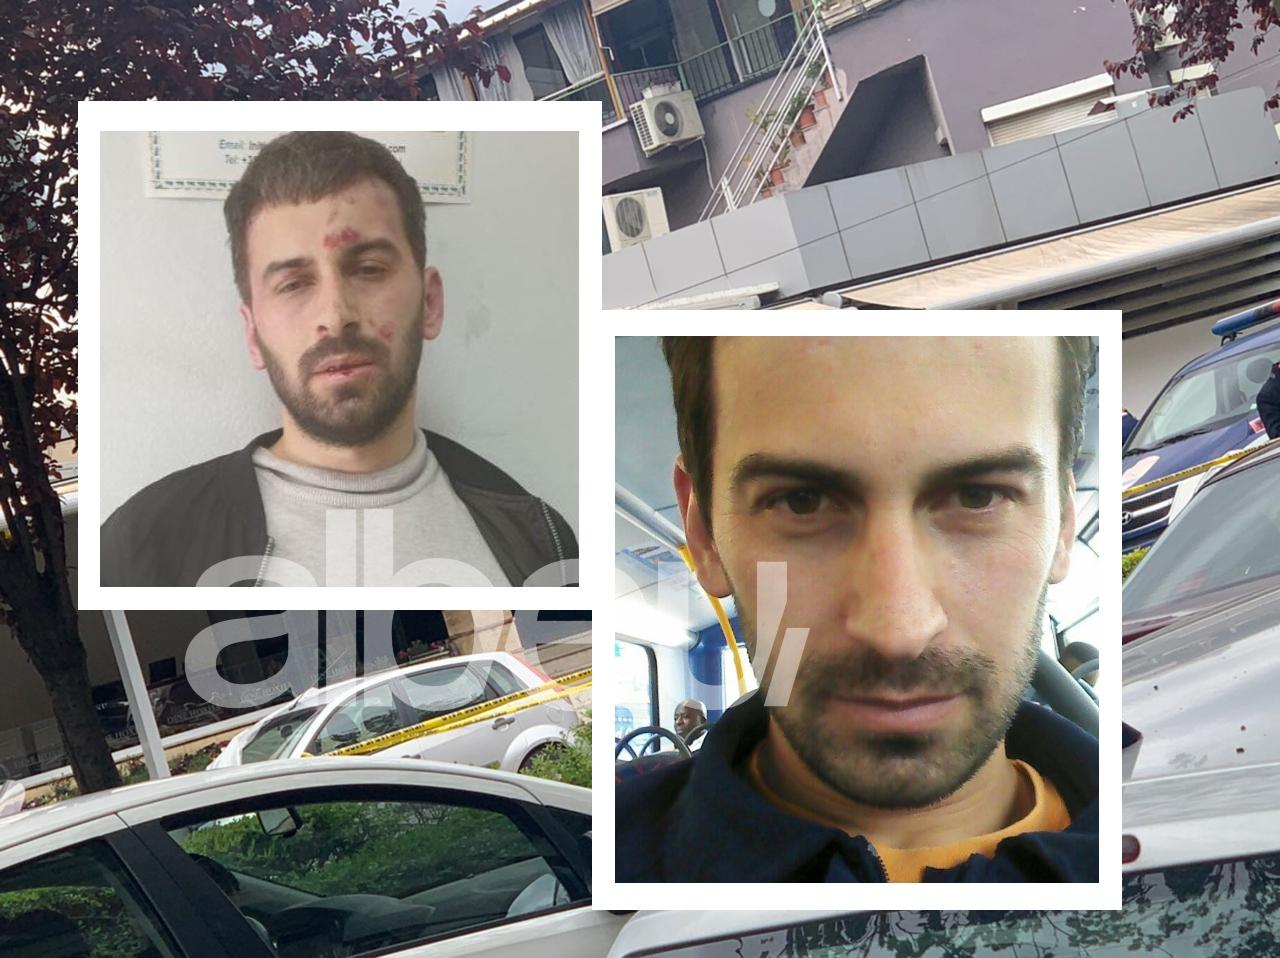 Zbardhet ngjarja: Plagosi 5 shtetas, si 34 vjeçari nisi sulmin me thikë brenda xhamisë